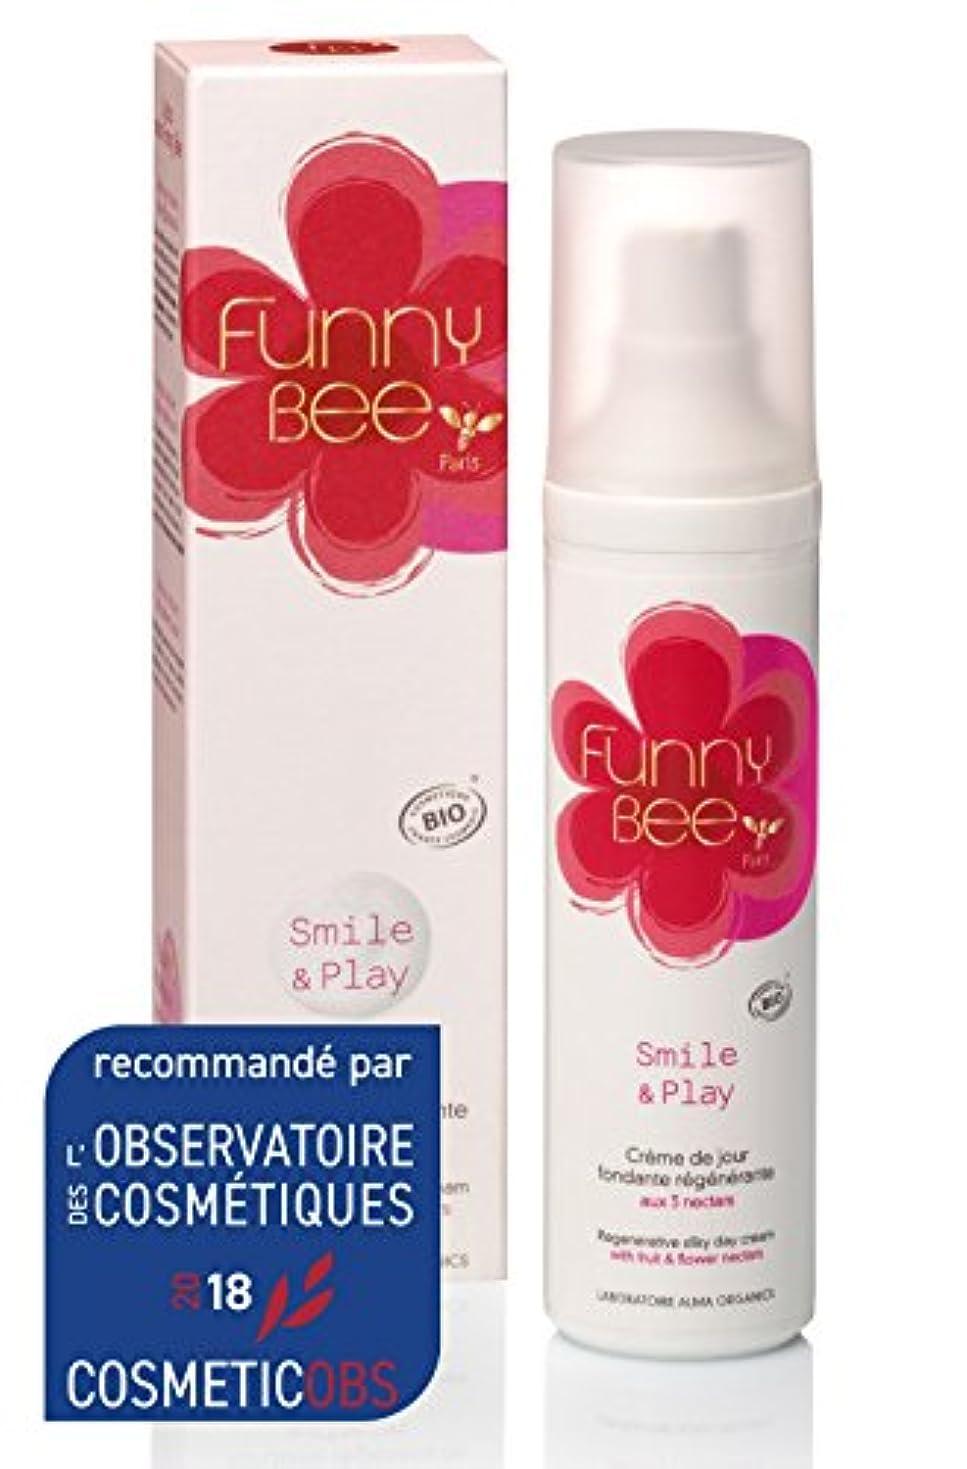 に話す沈黙毎年Funny Bee Paris(ファニービーパリ) スマイル&プレイ 50ml